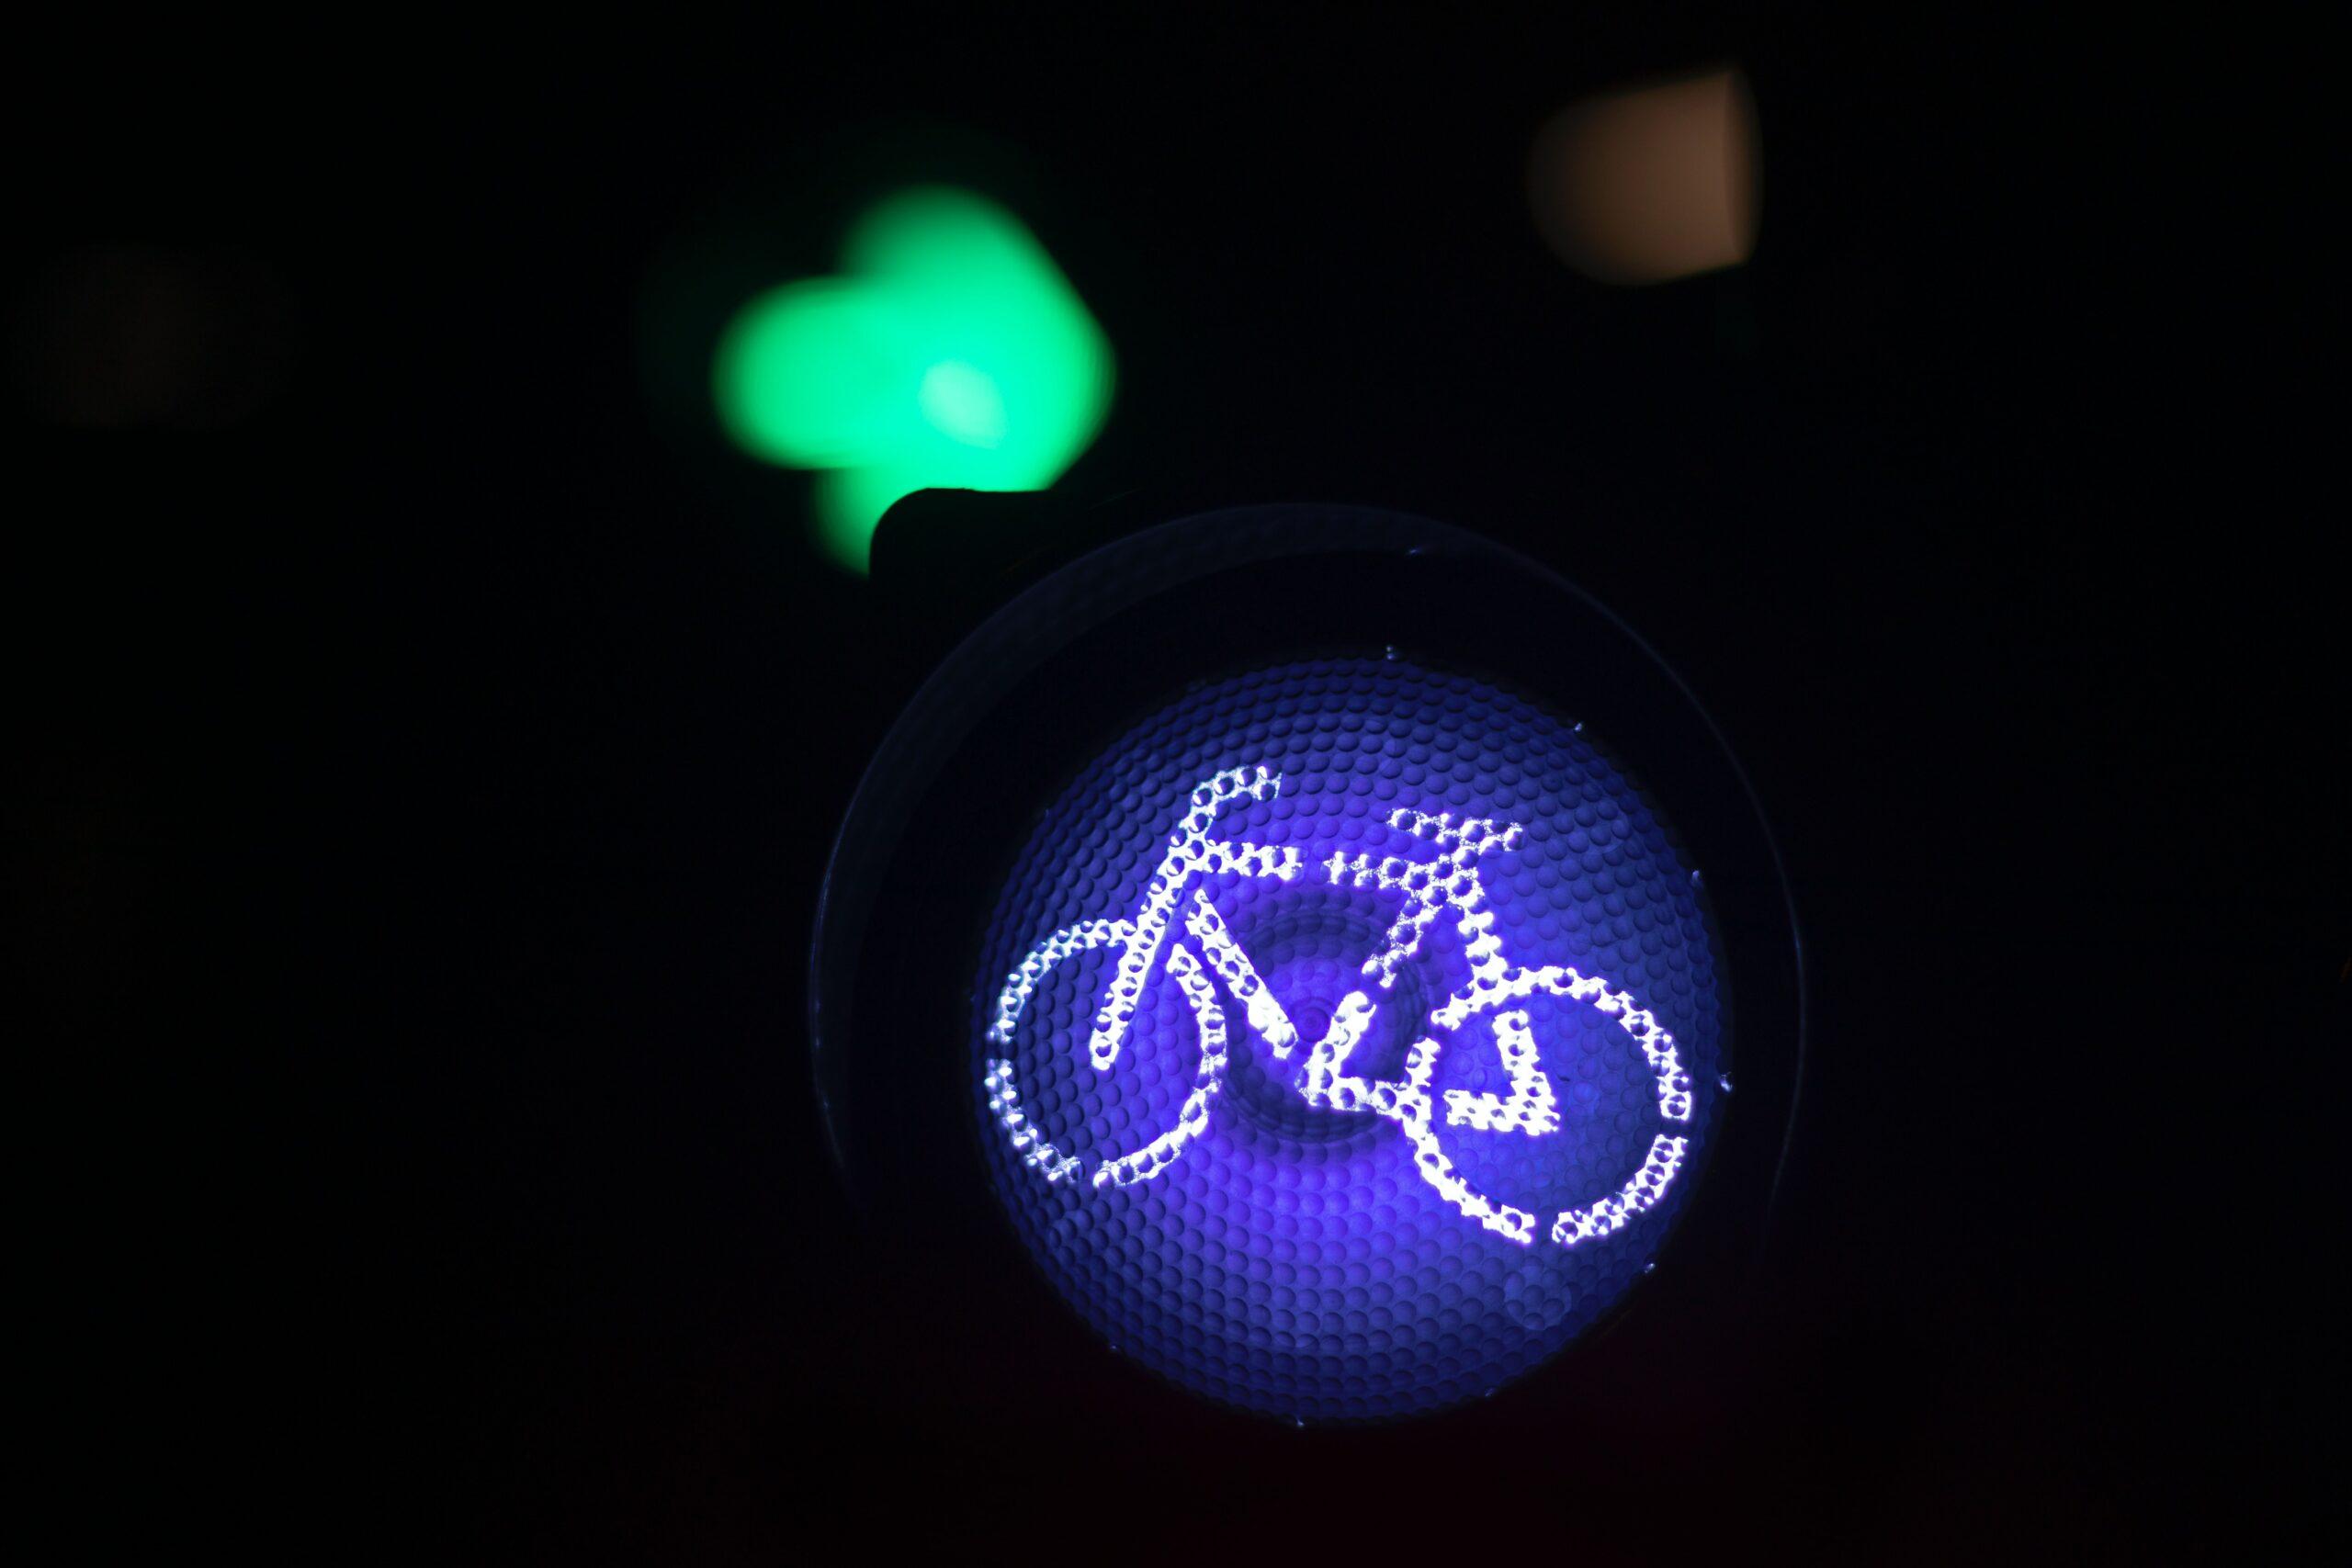 Radfahren: Ampel mit blauem Signallicht für Fahrräder